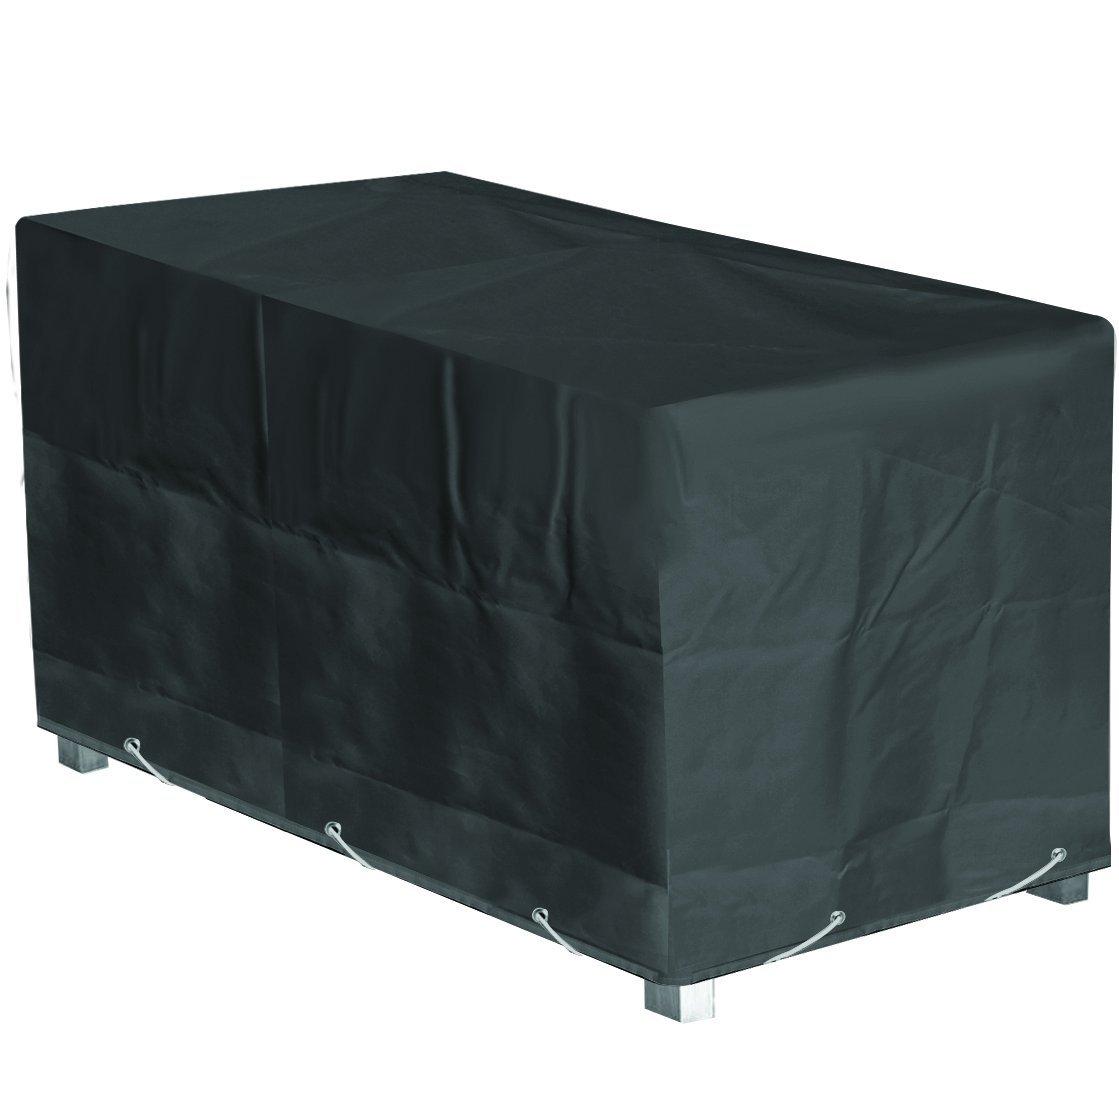 Custodia di protezione per tavolo da giardino rettangolare alta qualità, poliestere, 240 x l 110 x h, 70 cm, colore: antracite QUATTRO DIFFUSION